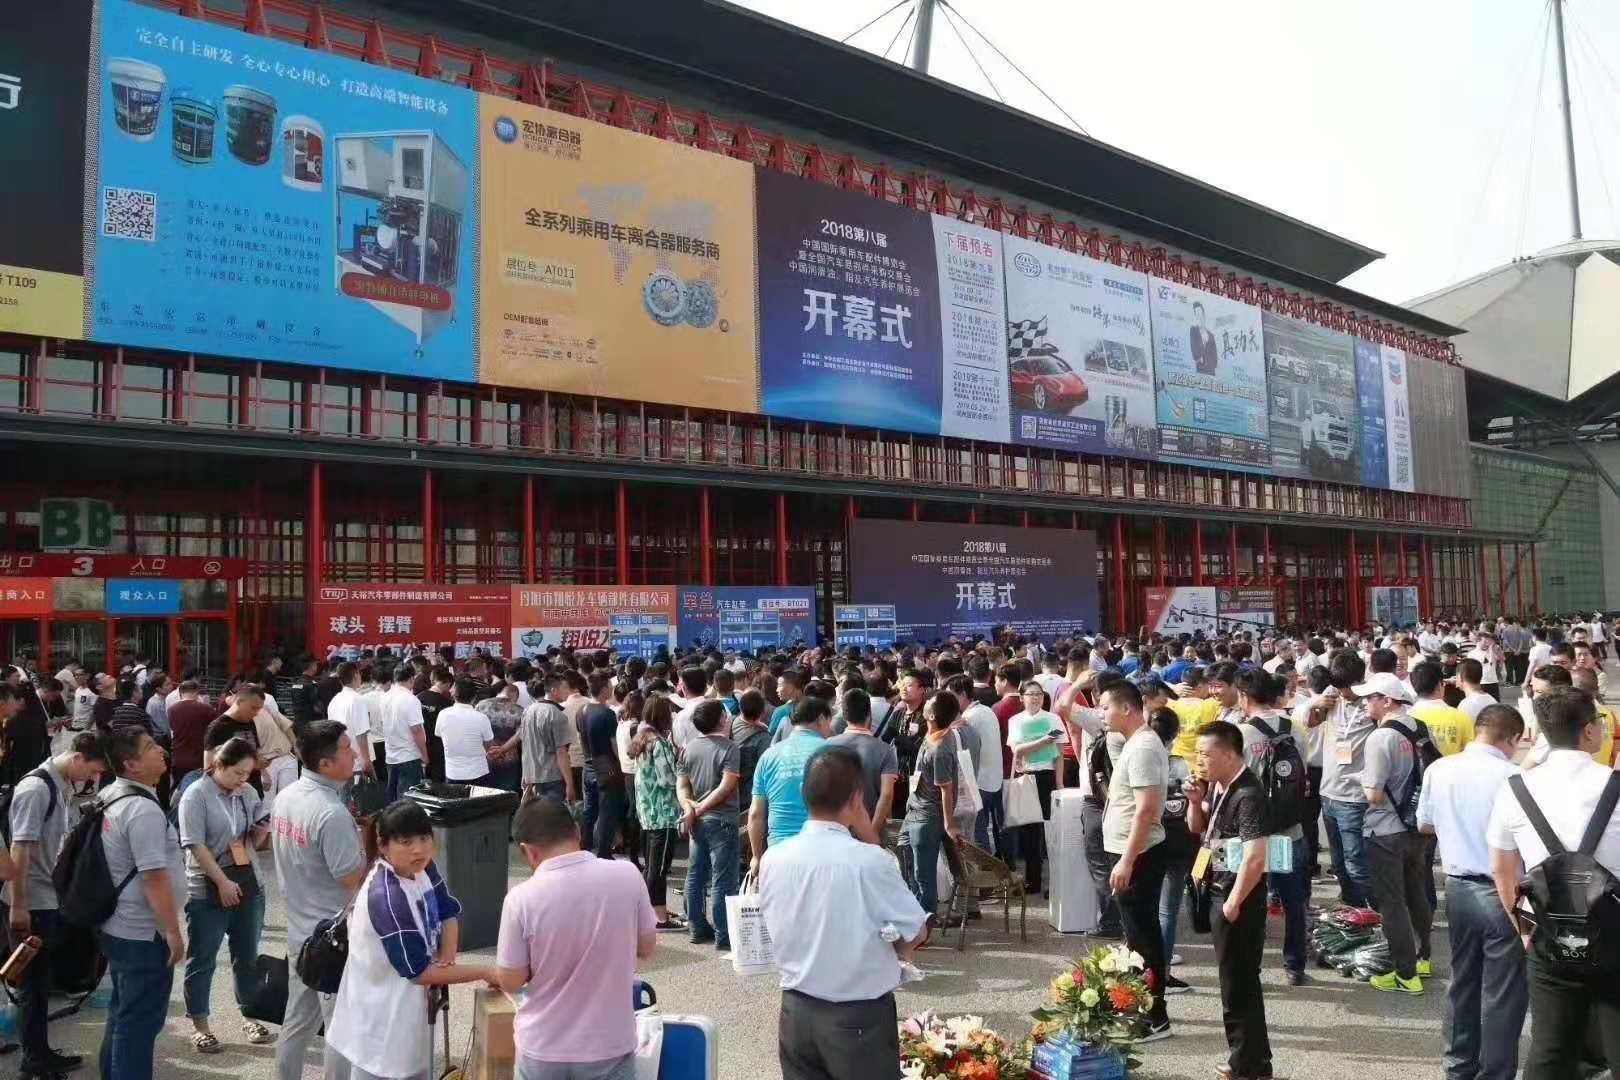 第十届中国润滑油、脂及汽车养护展览会